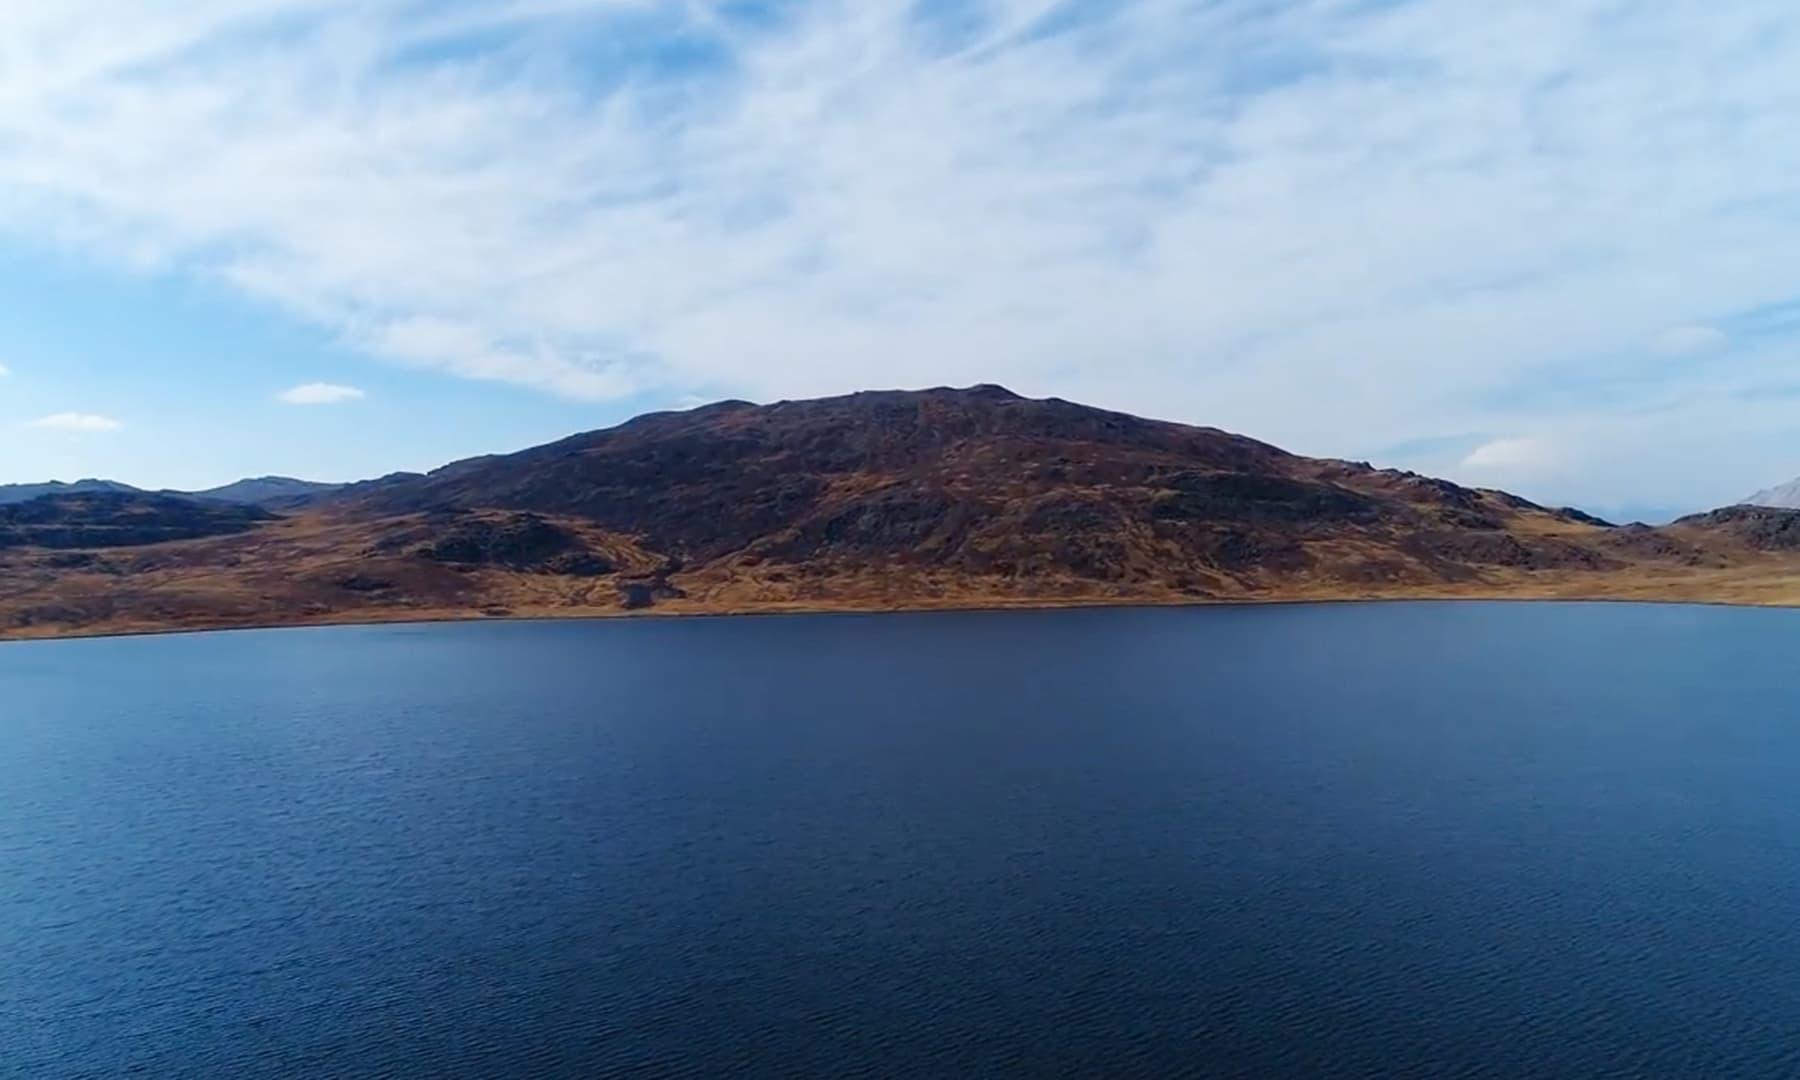 اکتوبر کے مہینے میں شیوسر جھیل کا ایک منظر—تصویر رضوان احمد جٹ